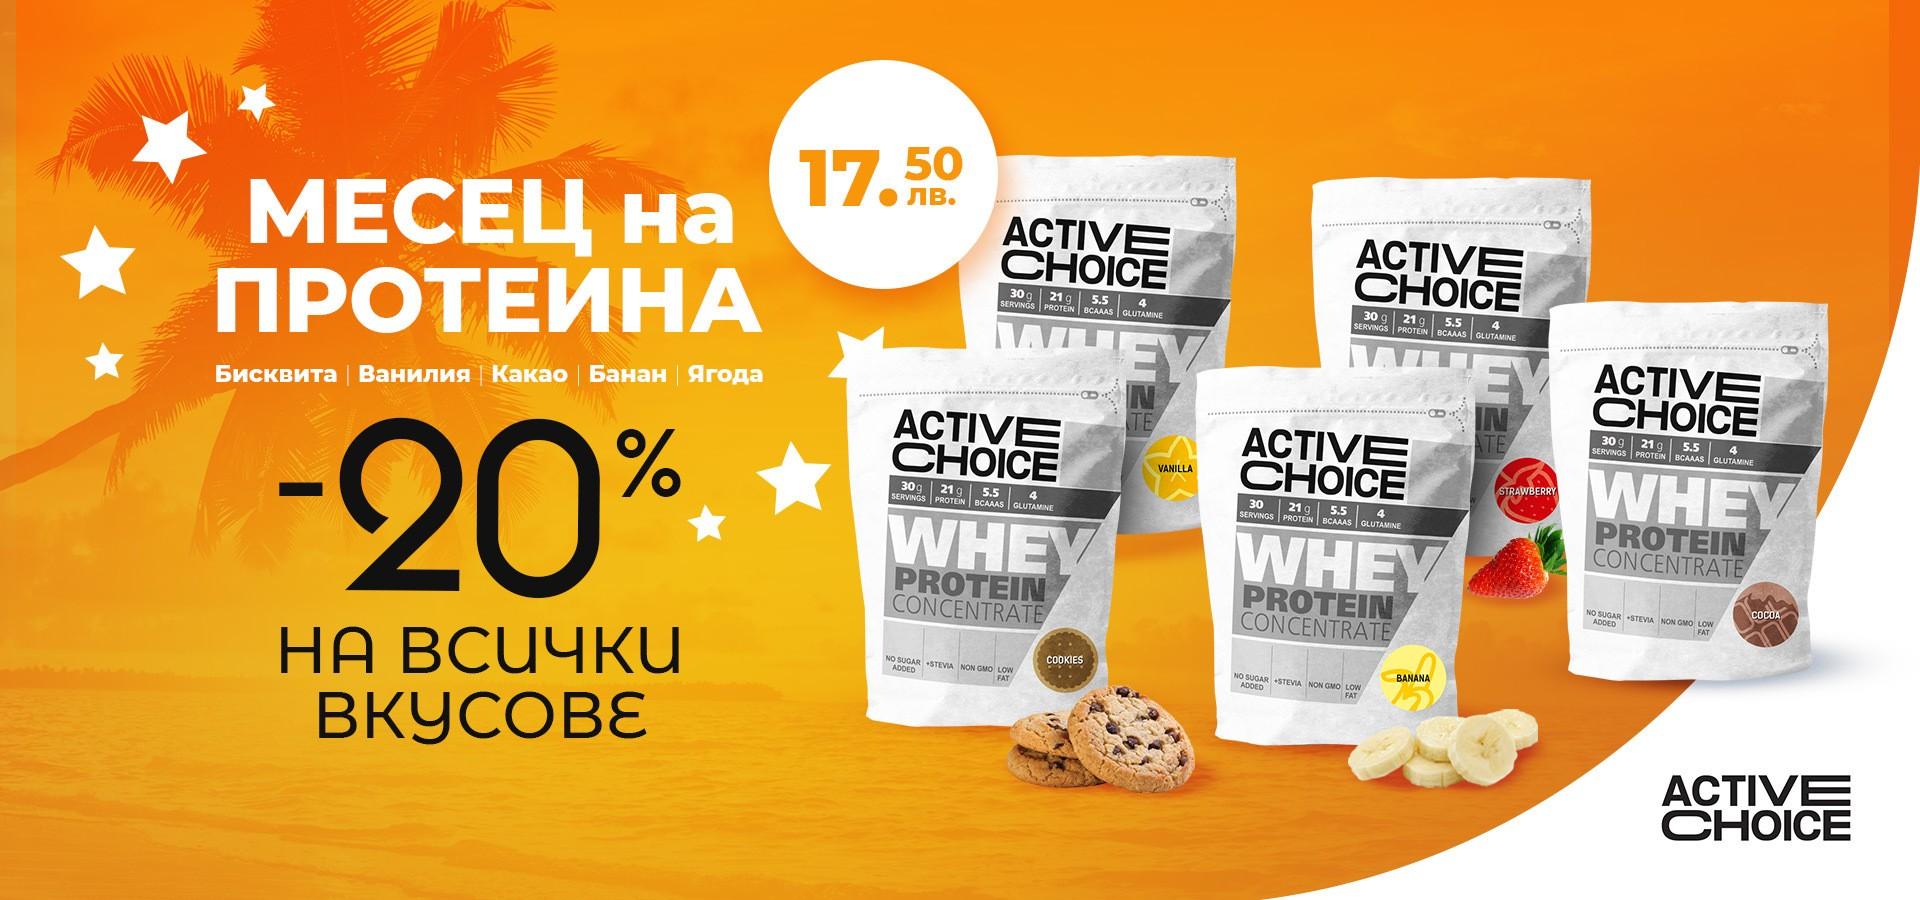 -20% на протеин Active Choice през август 2021 г.